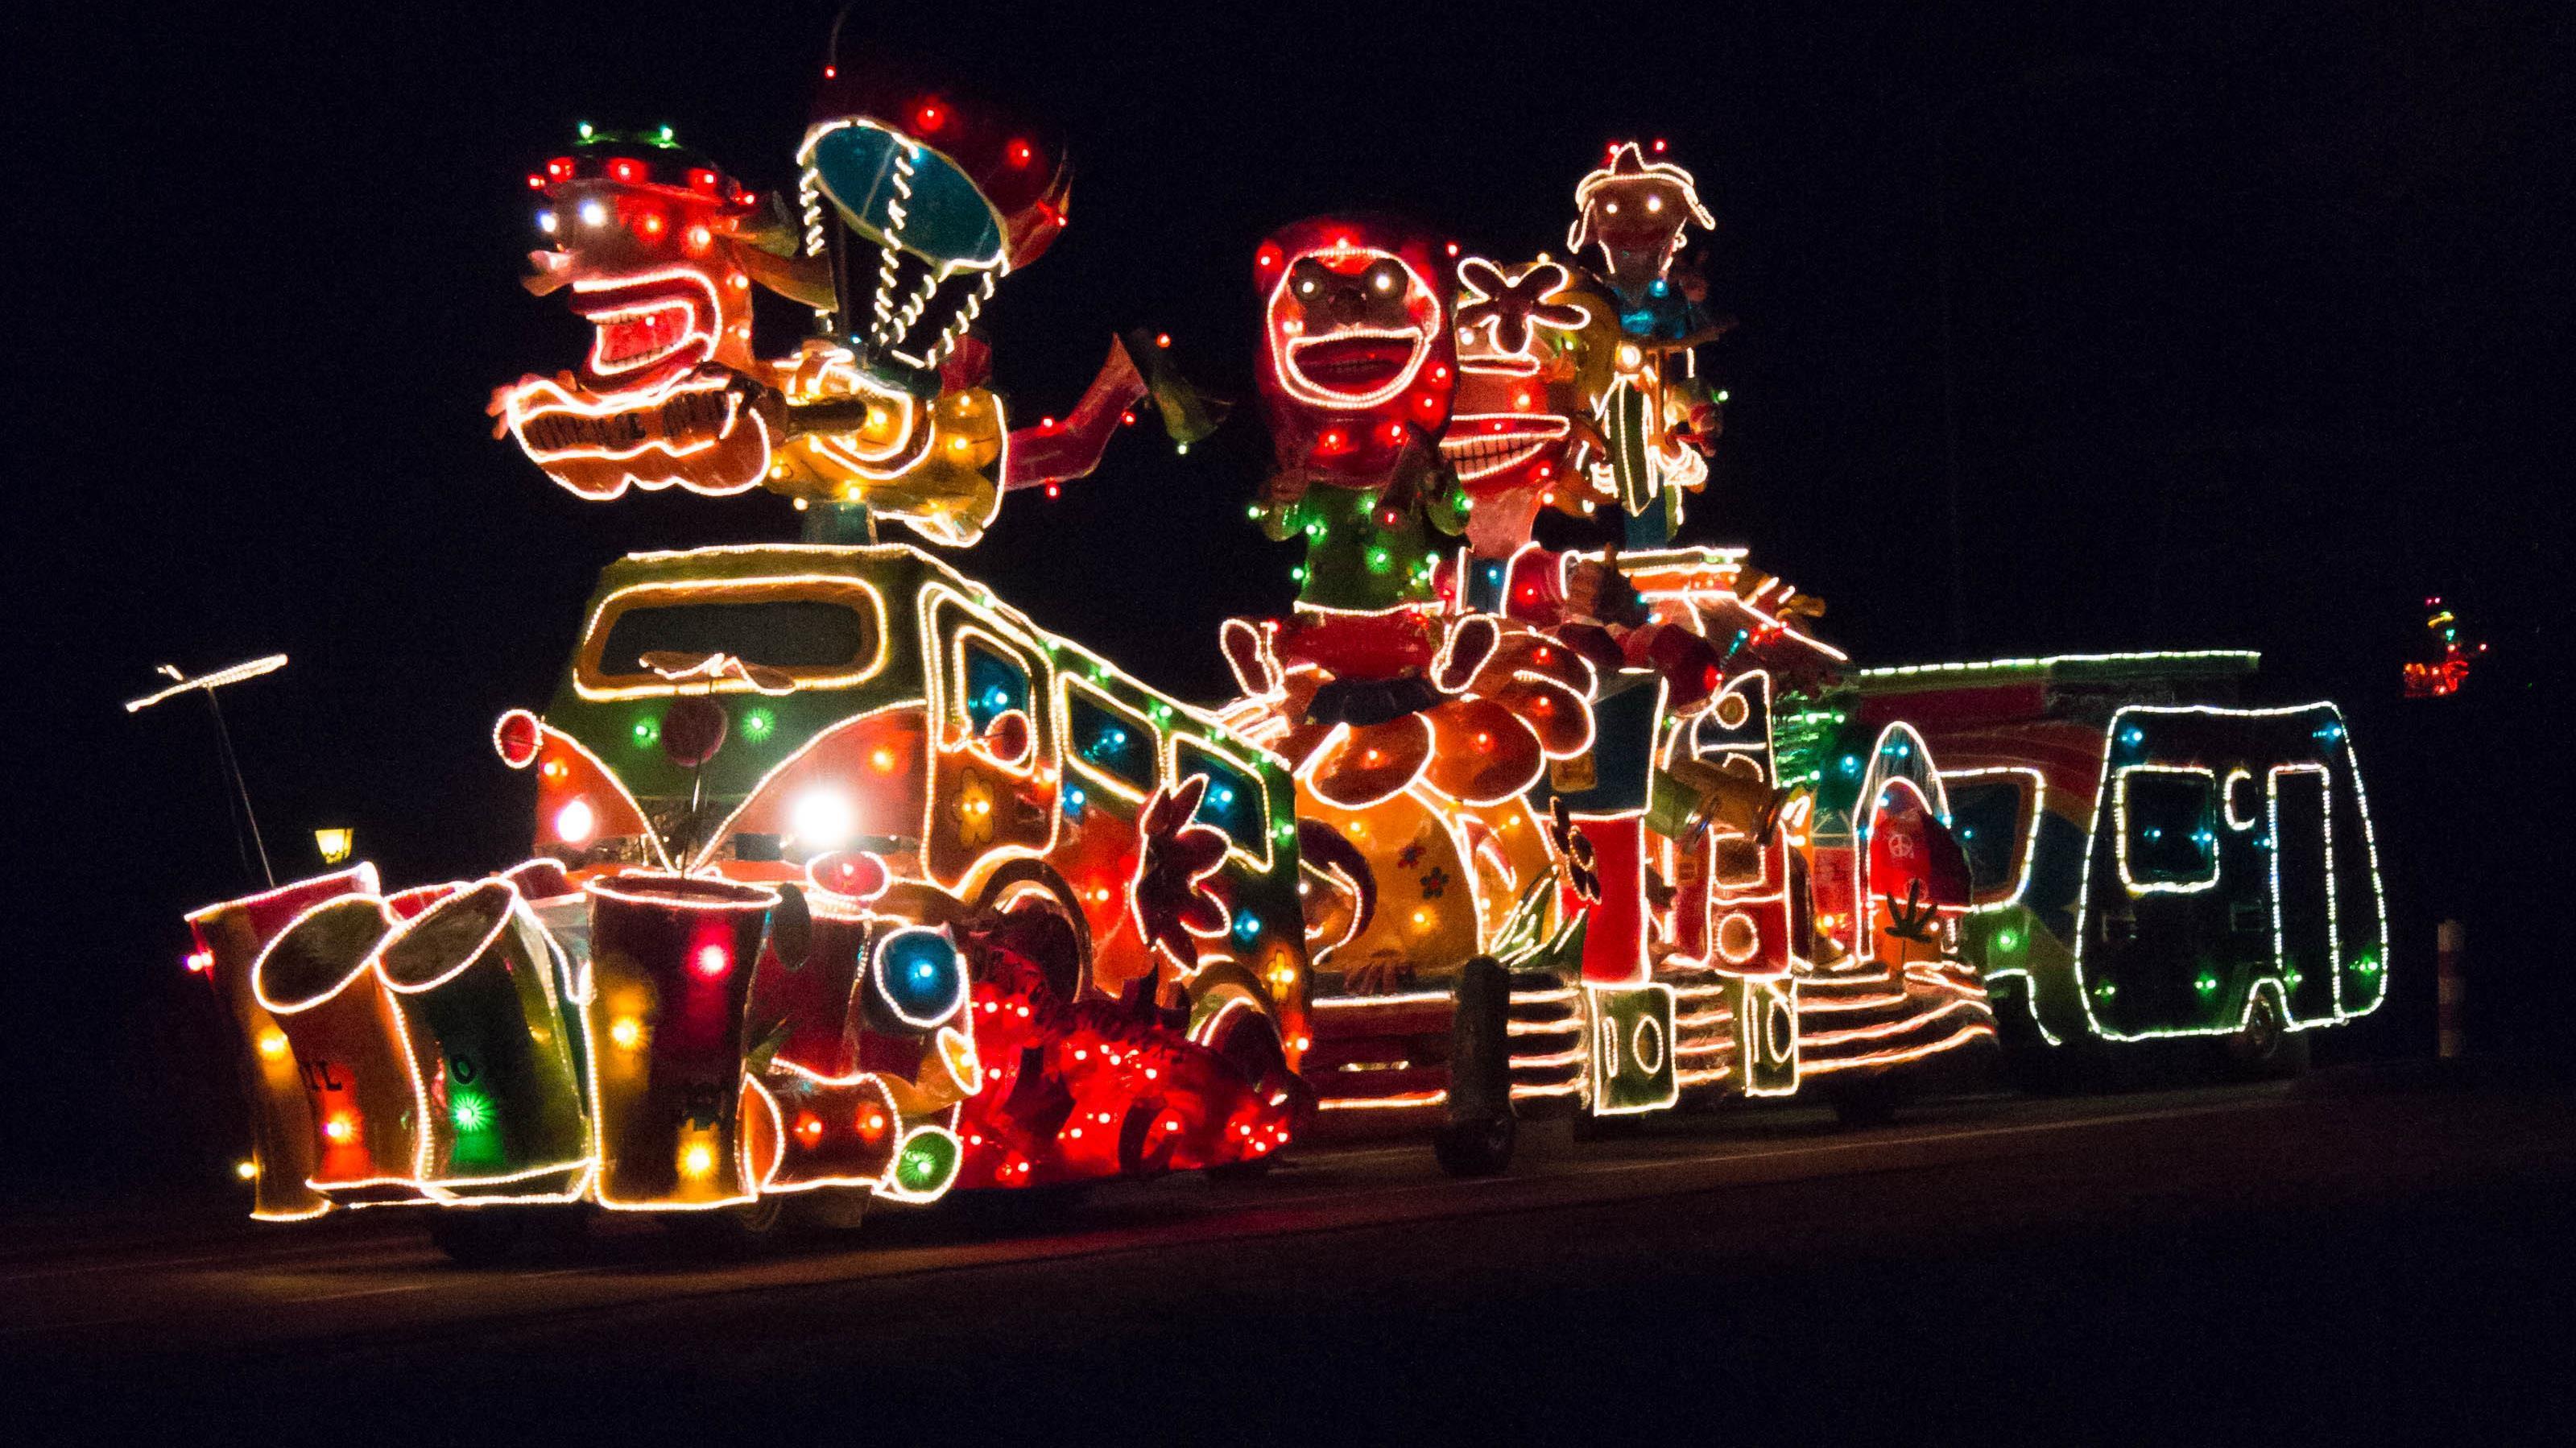 Kijk terug: Verlichte carnavalsoptocht Lemelerveld 2018